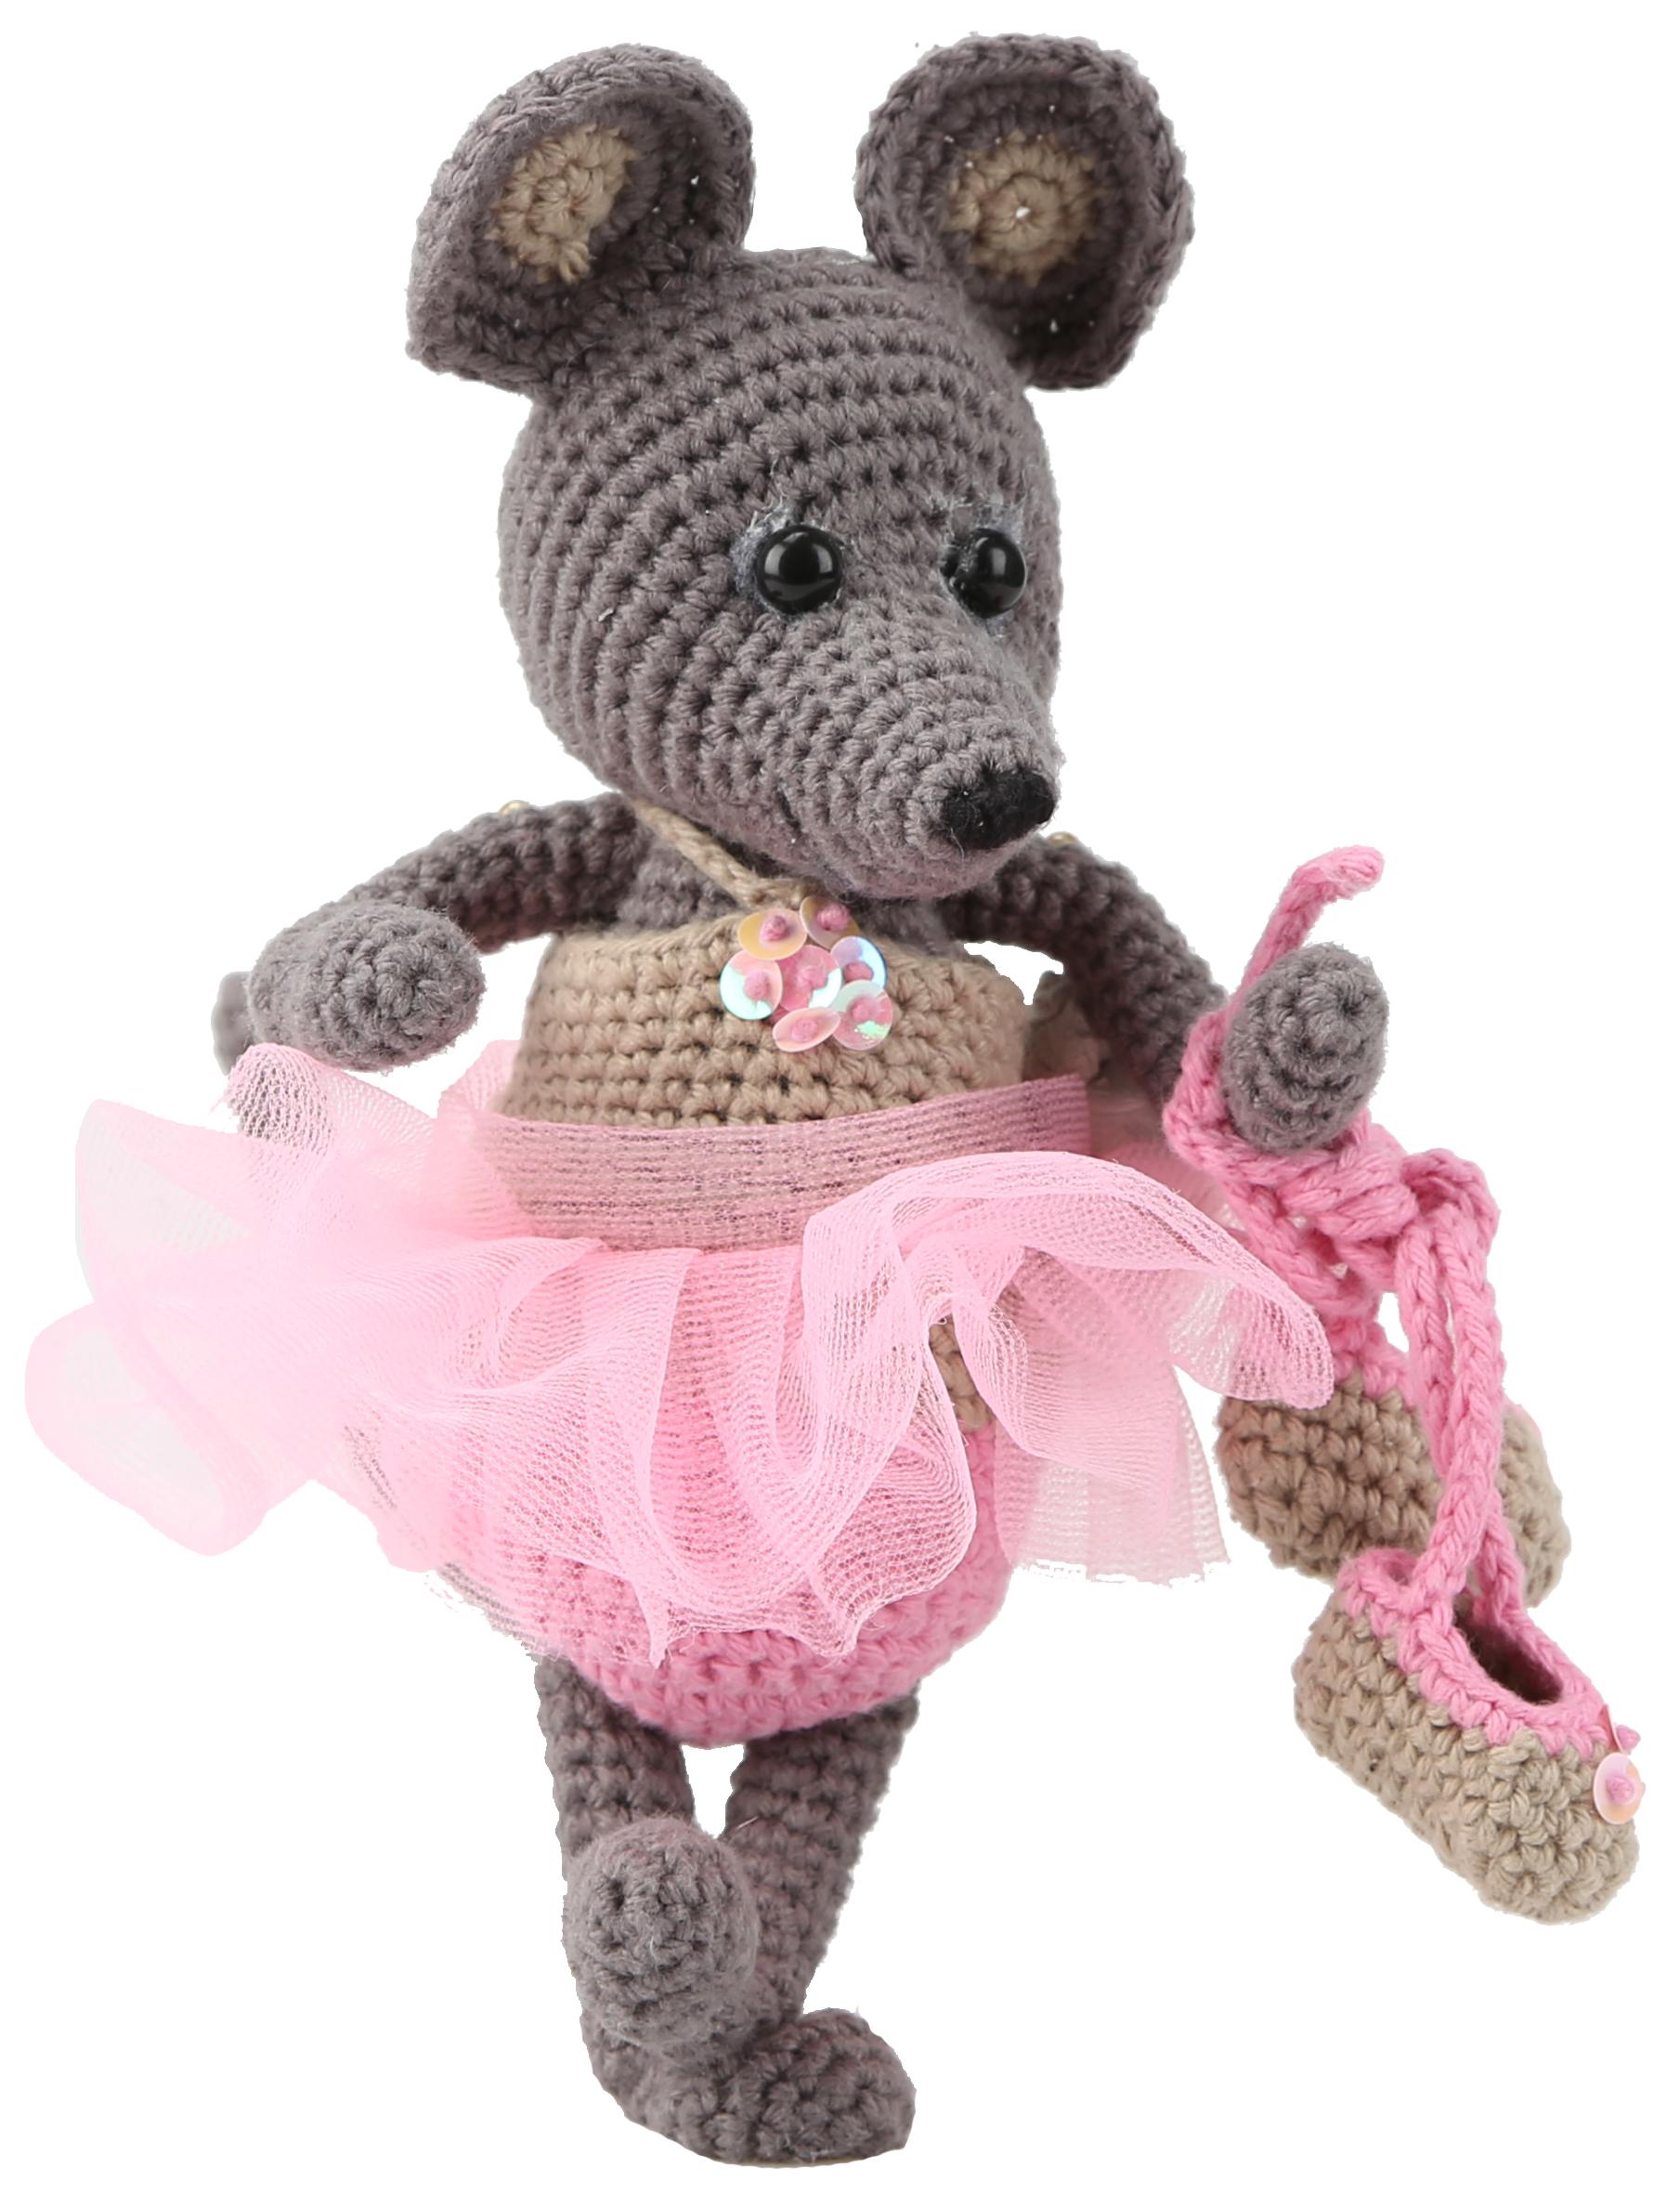 Ballerina-Mouse amigurumi pattern - Amigurumipatterns.net | 2376x1809